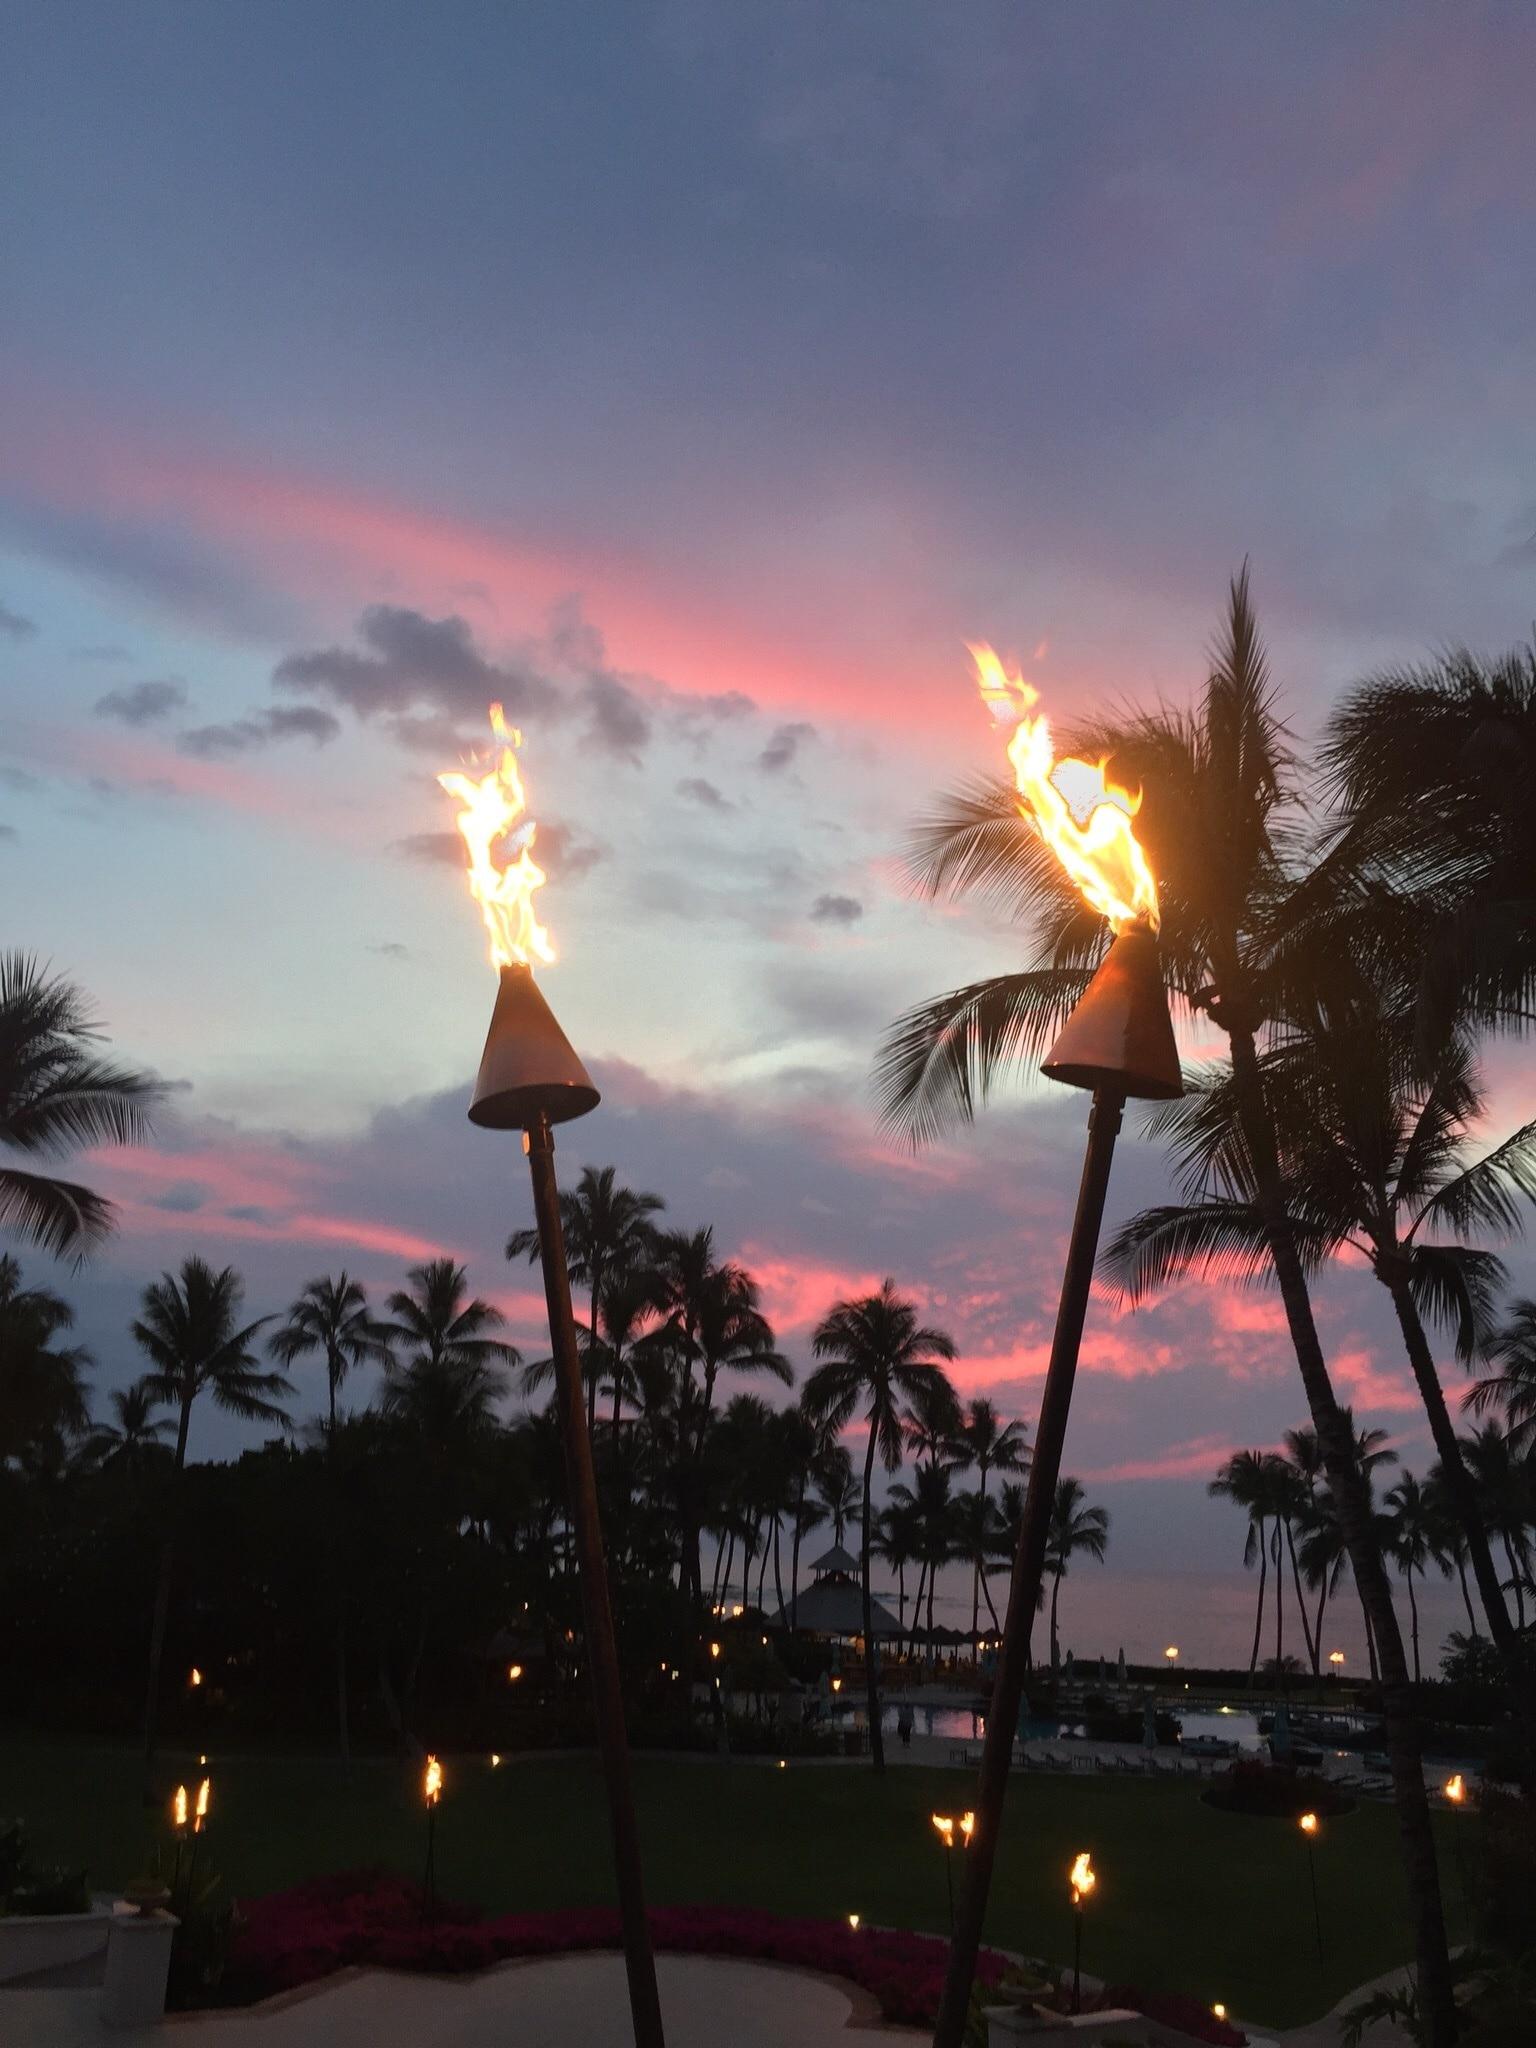 Waikui-Puako Beaches, Kamuela, Hawaii, United States of America